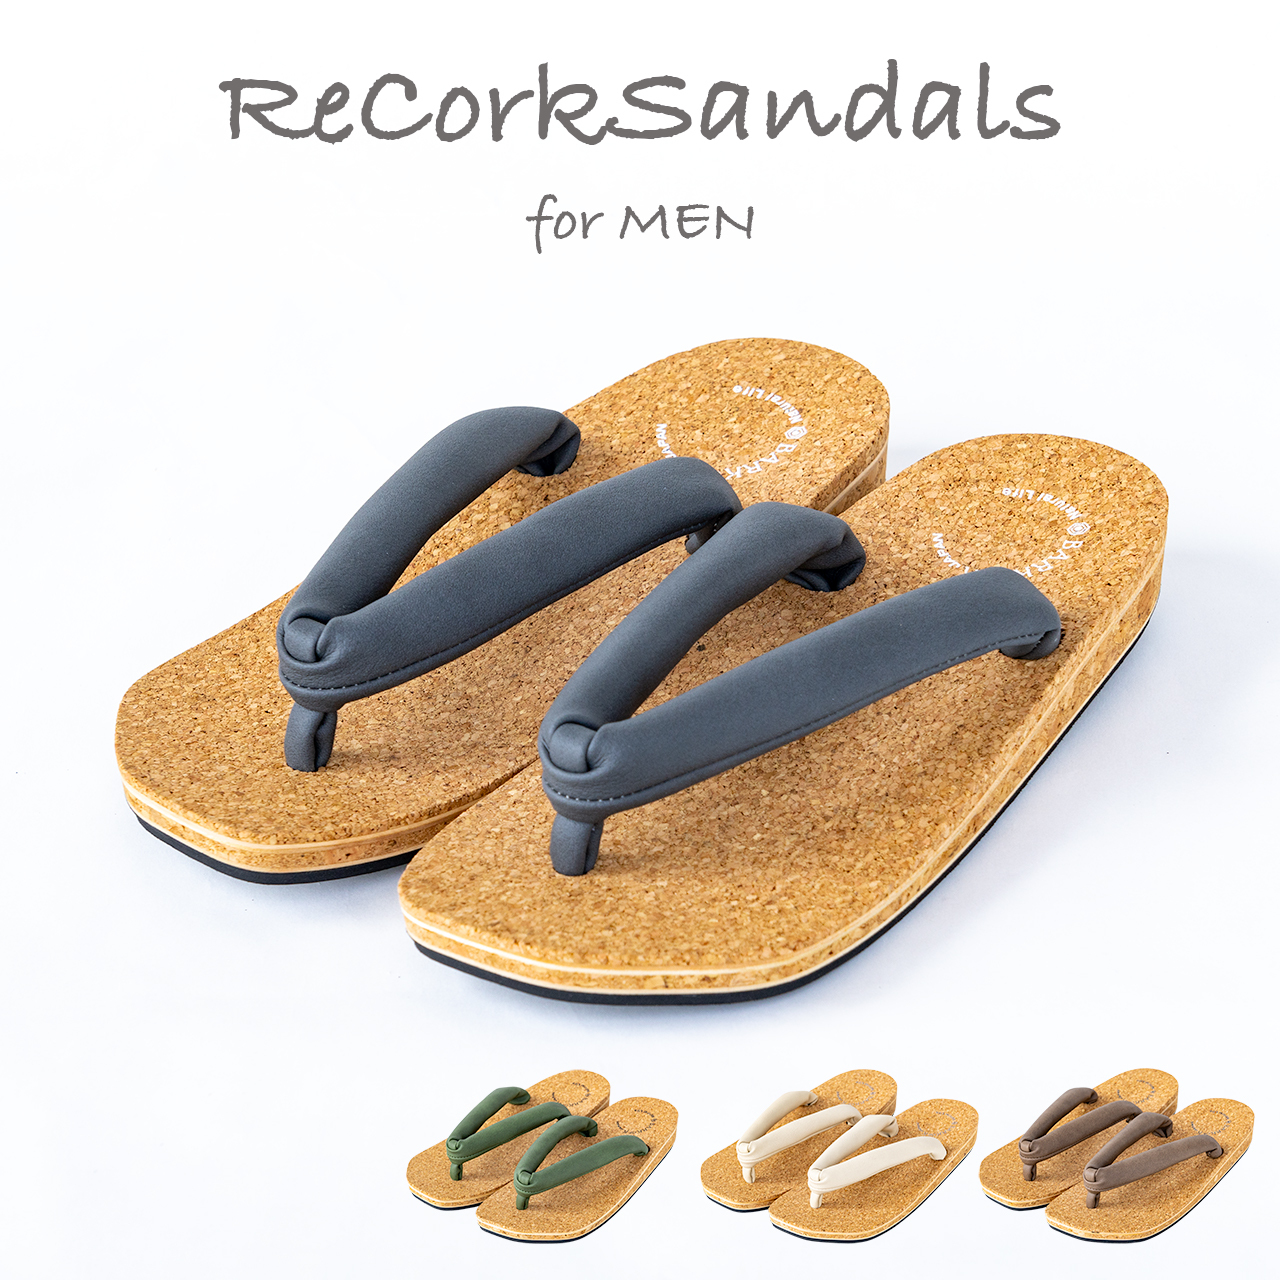 サンダル L/LL 柔らかい花緒だから 足が痛くなりにくい  歩きやすい コルクサンダル / メンズ 軽い 下駄 カジュアル ◆ReCorkSandals(リコルクサンダル):バークオブケイ オリジナル 日本製